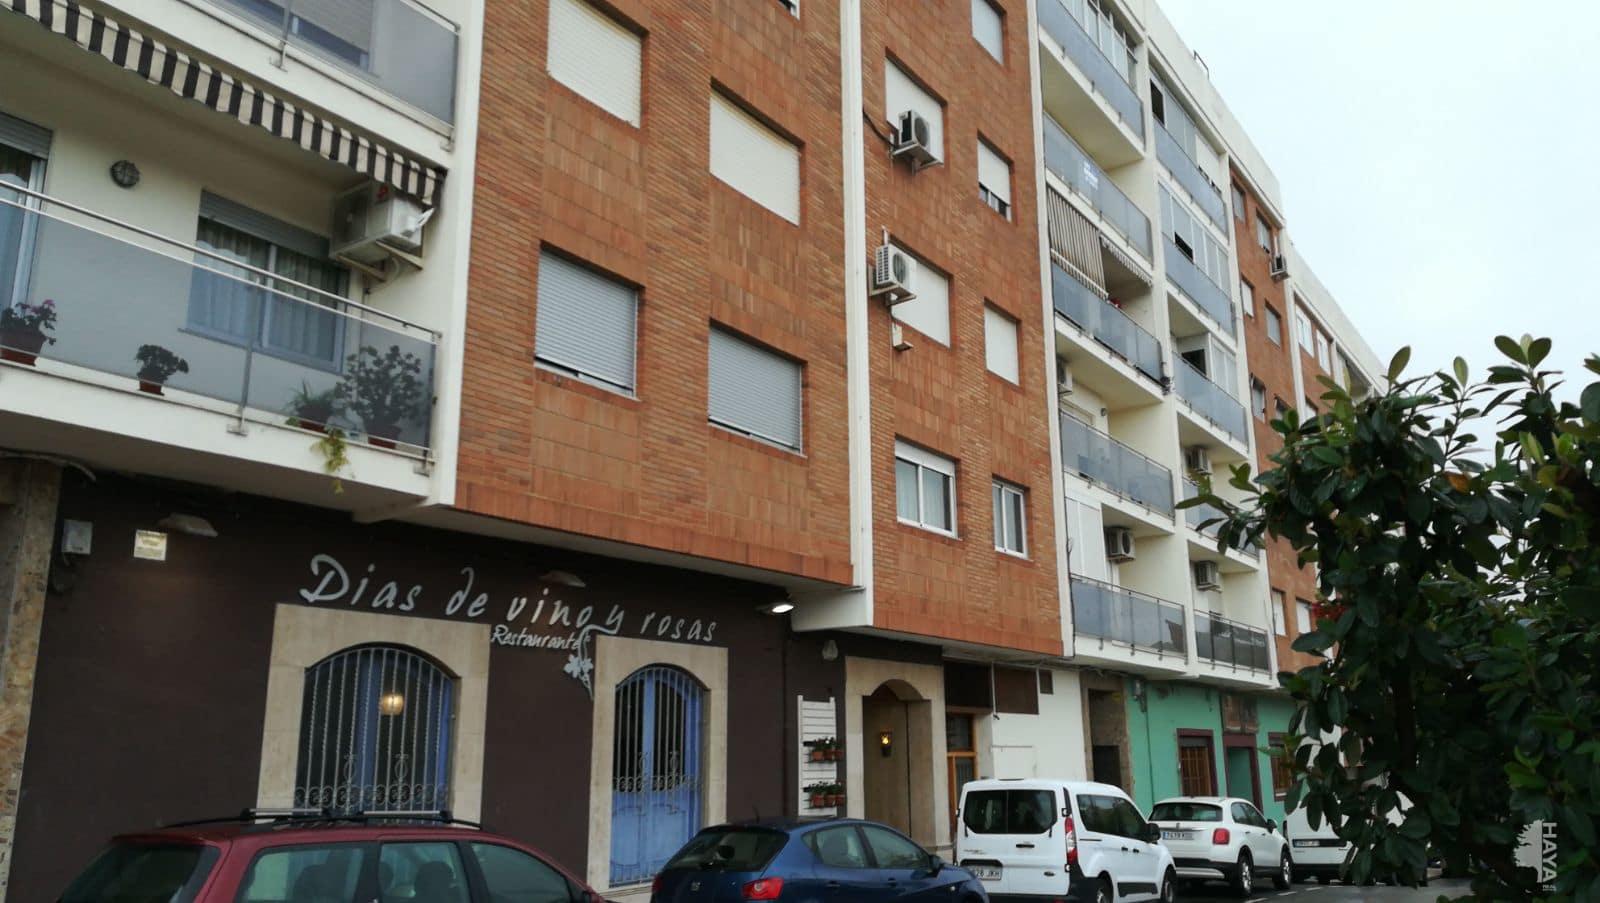 Piso en venta en Almussafes, Almussafes, Valencia, Calle Ausias March, 94.131 €, 4 habitaciones, 2 baños, 111 m2